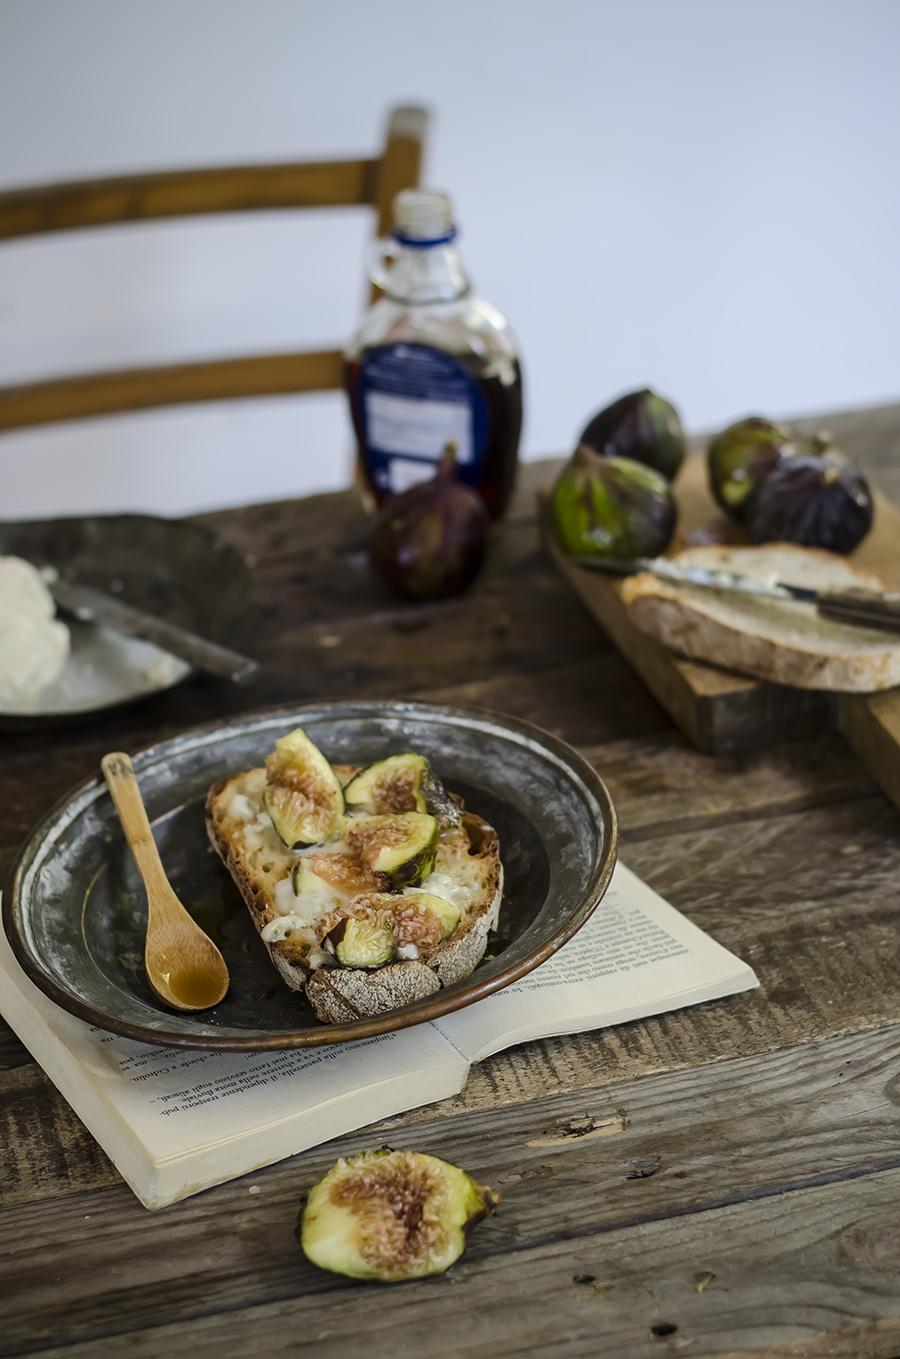 Bruschette con gorgonzola, fichi e sciroppo d'agave